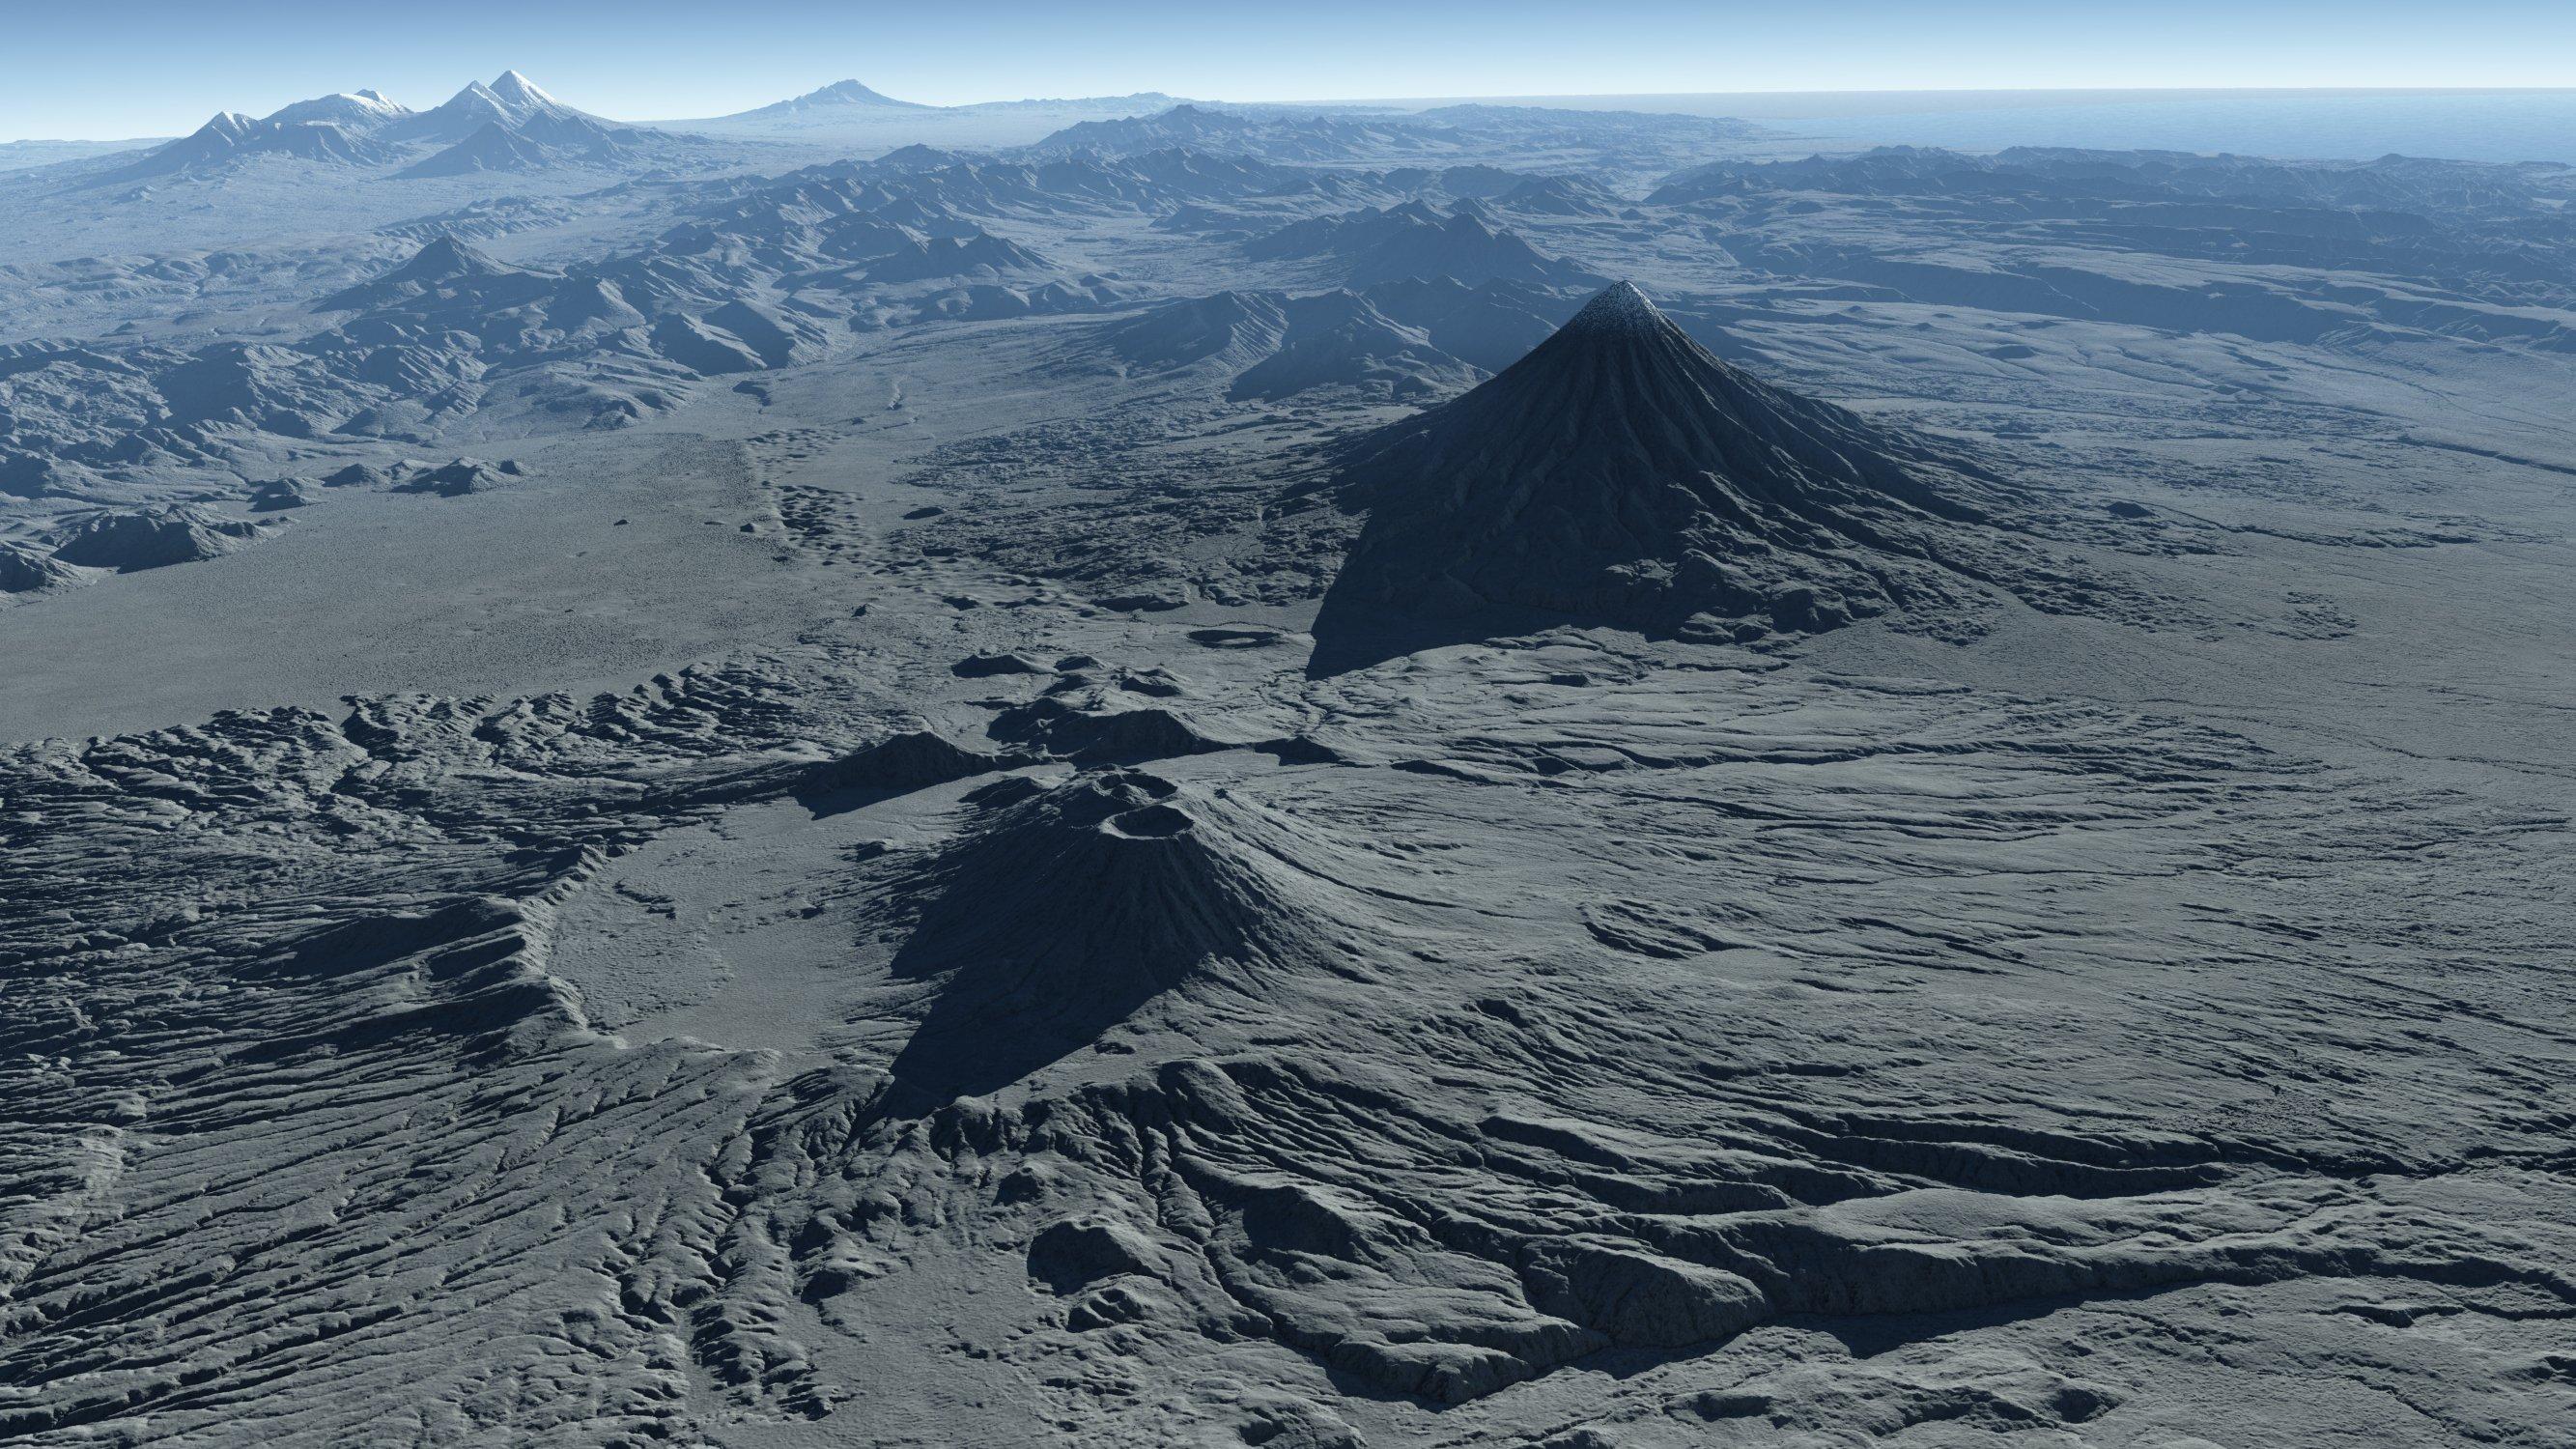 Perspektivische Ansicht der Krascheninnikov-Caldera (im Vordergrund) und des 3528 Meter hohen Kronotsky-Vulkans, der als nahezu perfekter Kegel emporragt. Links am Horizont erkennt man den Kljutschevskoi-Vulkan, mit 4835 Metern die höchste Erhebung Kamtschatkas.